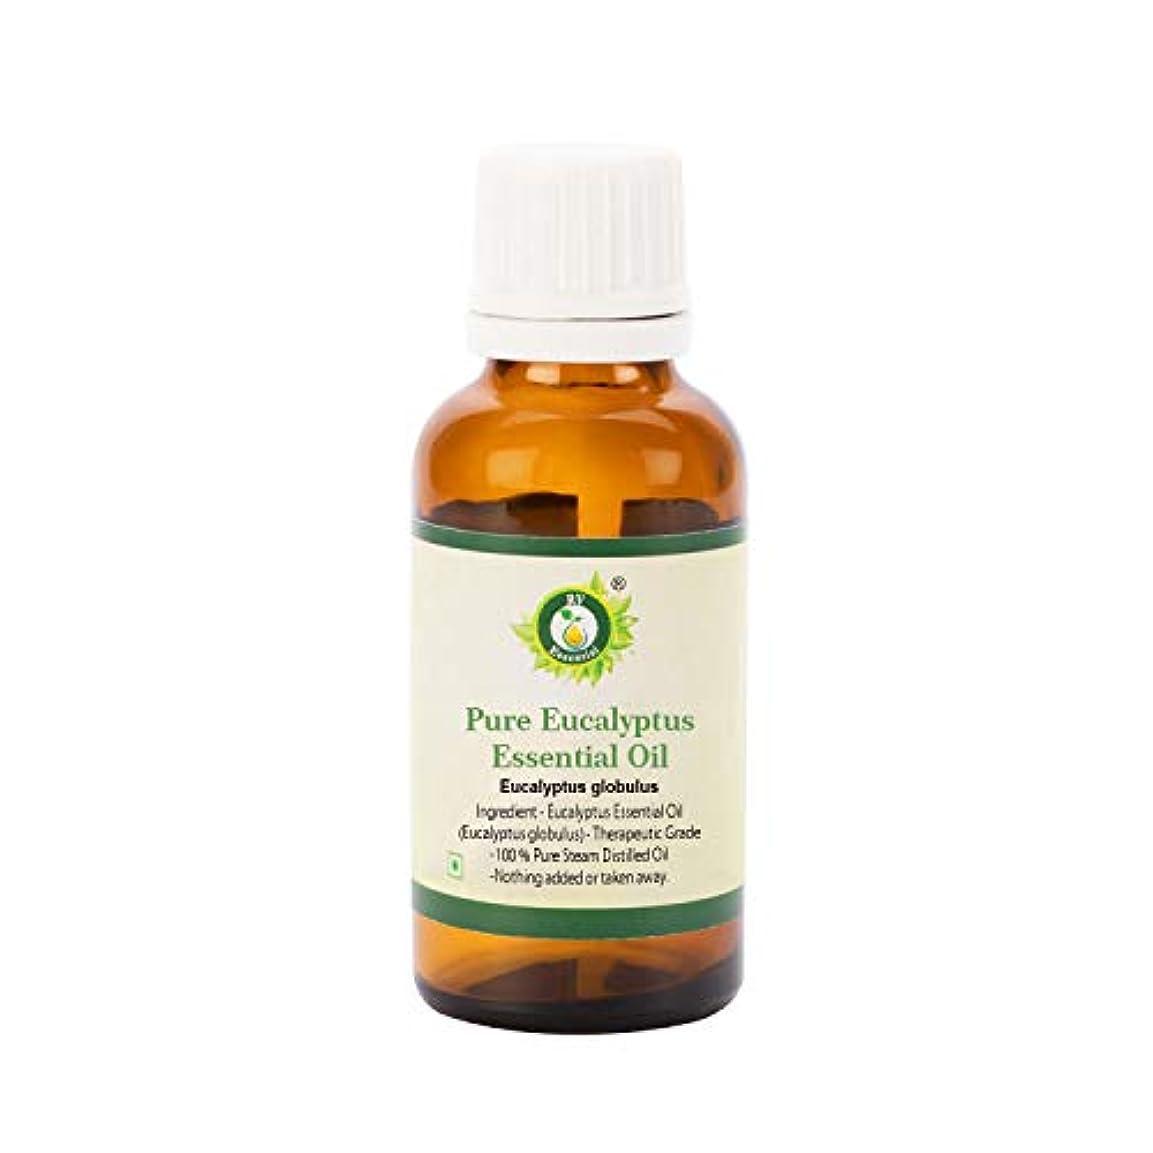 弾力性のある偽物ハードウェアR V Essential ピュアユーカリエッセンシャルオイル100ml (3.38oz)- Eucalyptus globulus (100%純粋&天然スチームDistilled) Pure Eucalyptus Essential Oil